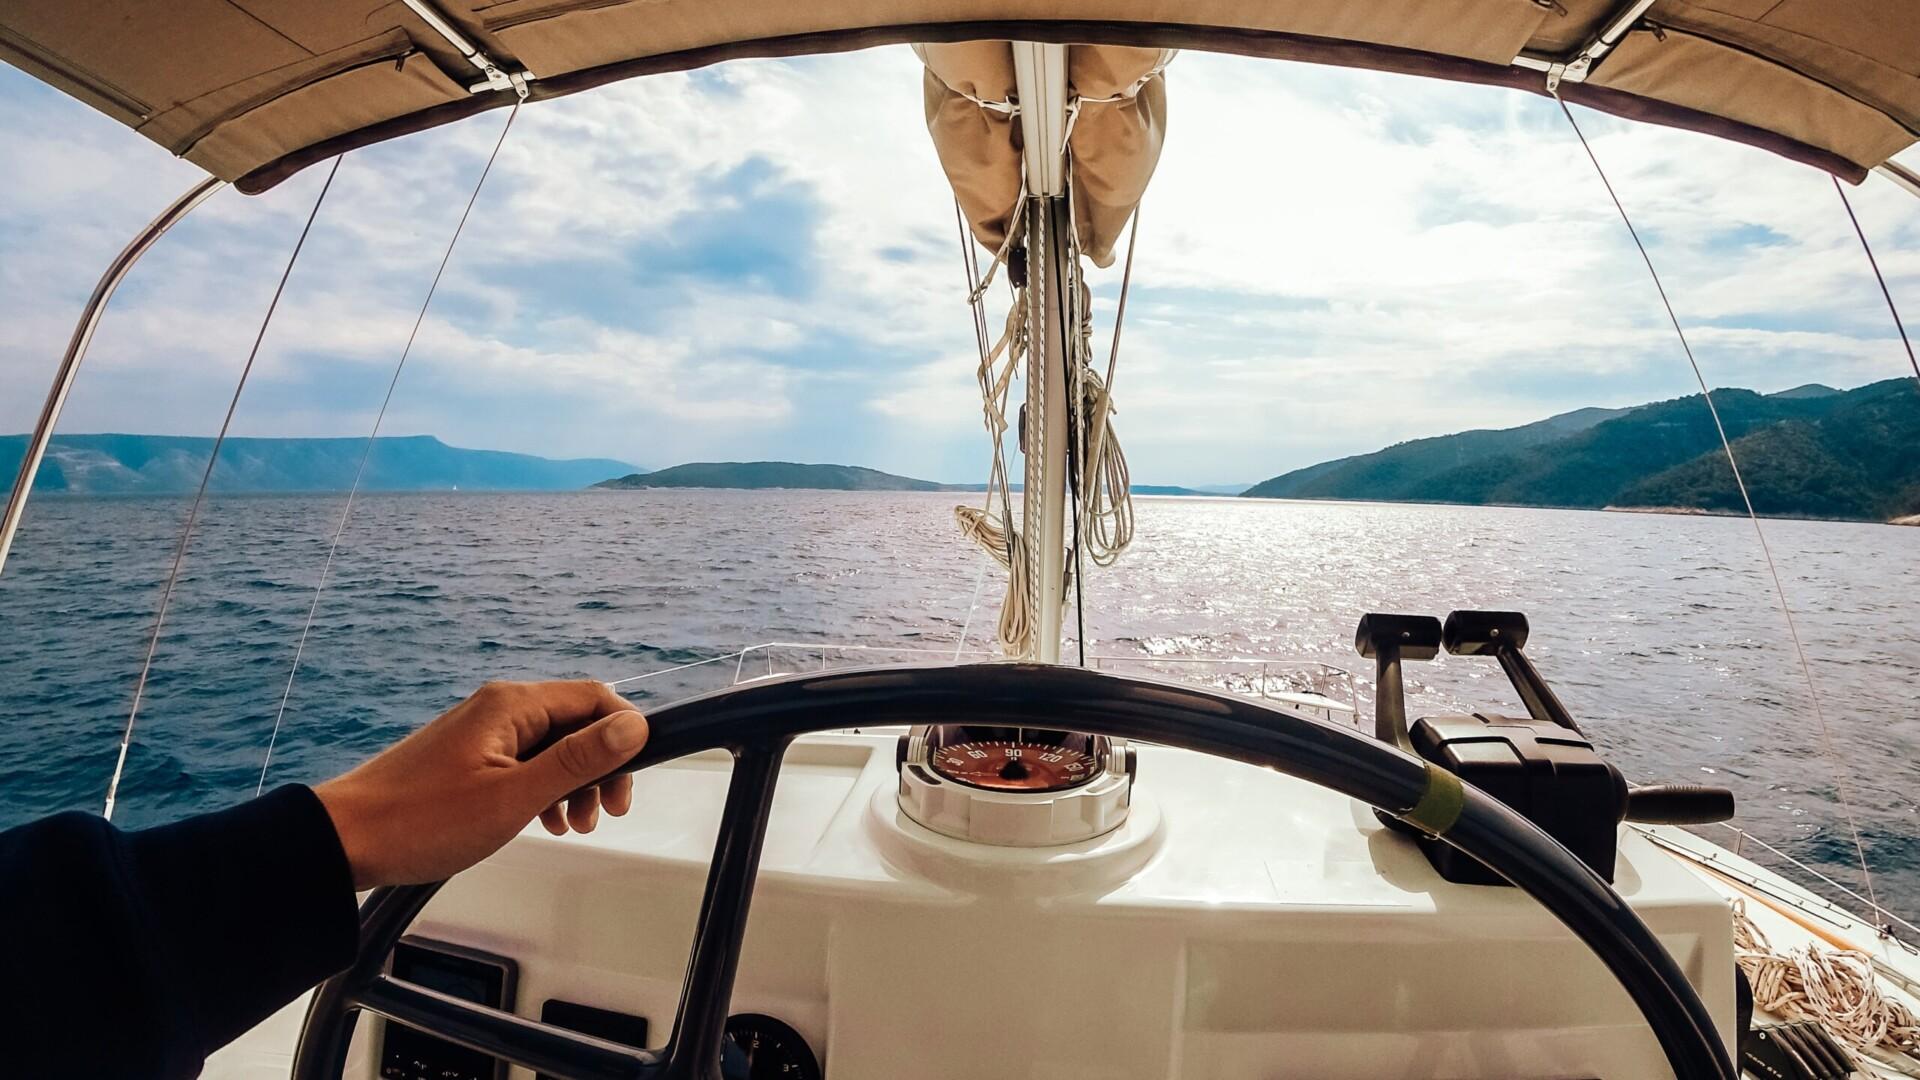 effectuer une formation manœuvre et navigation avec permis bateau